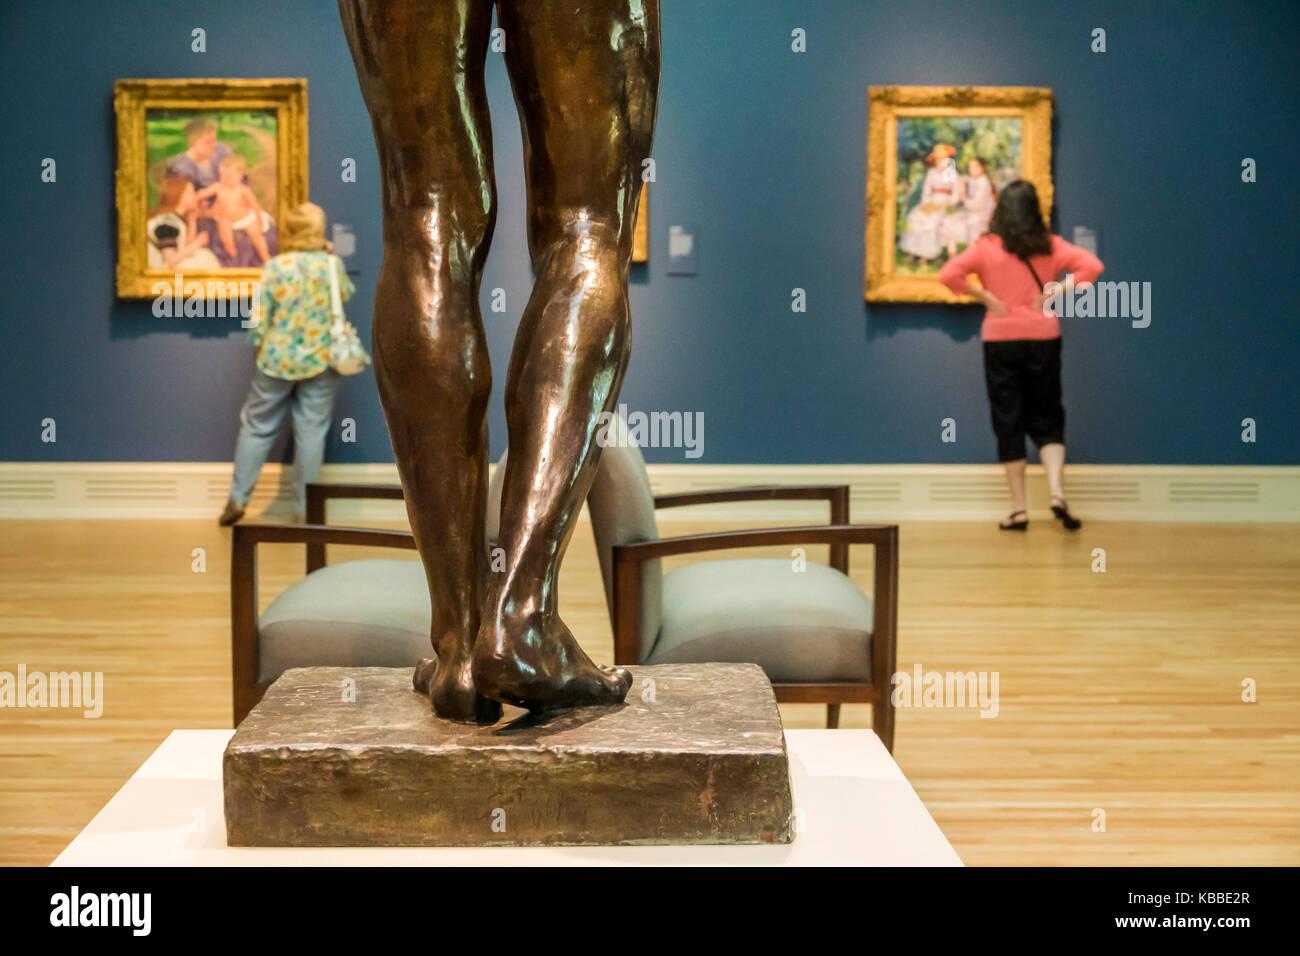 Norfolk Virginia Chrysler Museum di Arte Impressionismo presentano la pittura la scultura gallery interior donna Immagini Stock